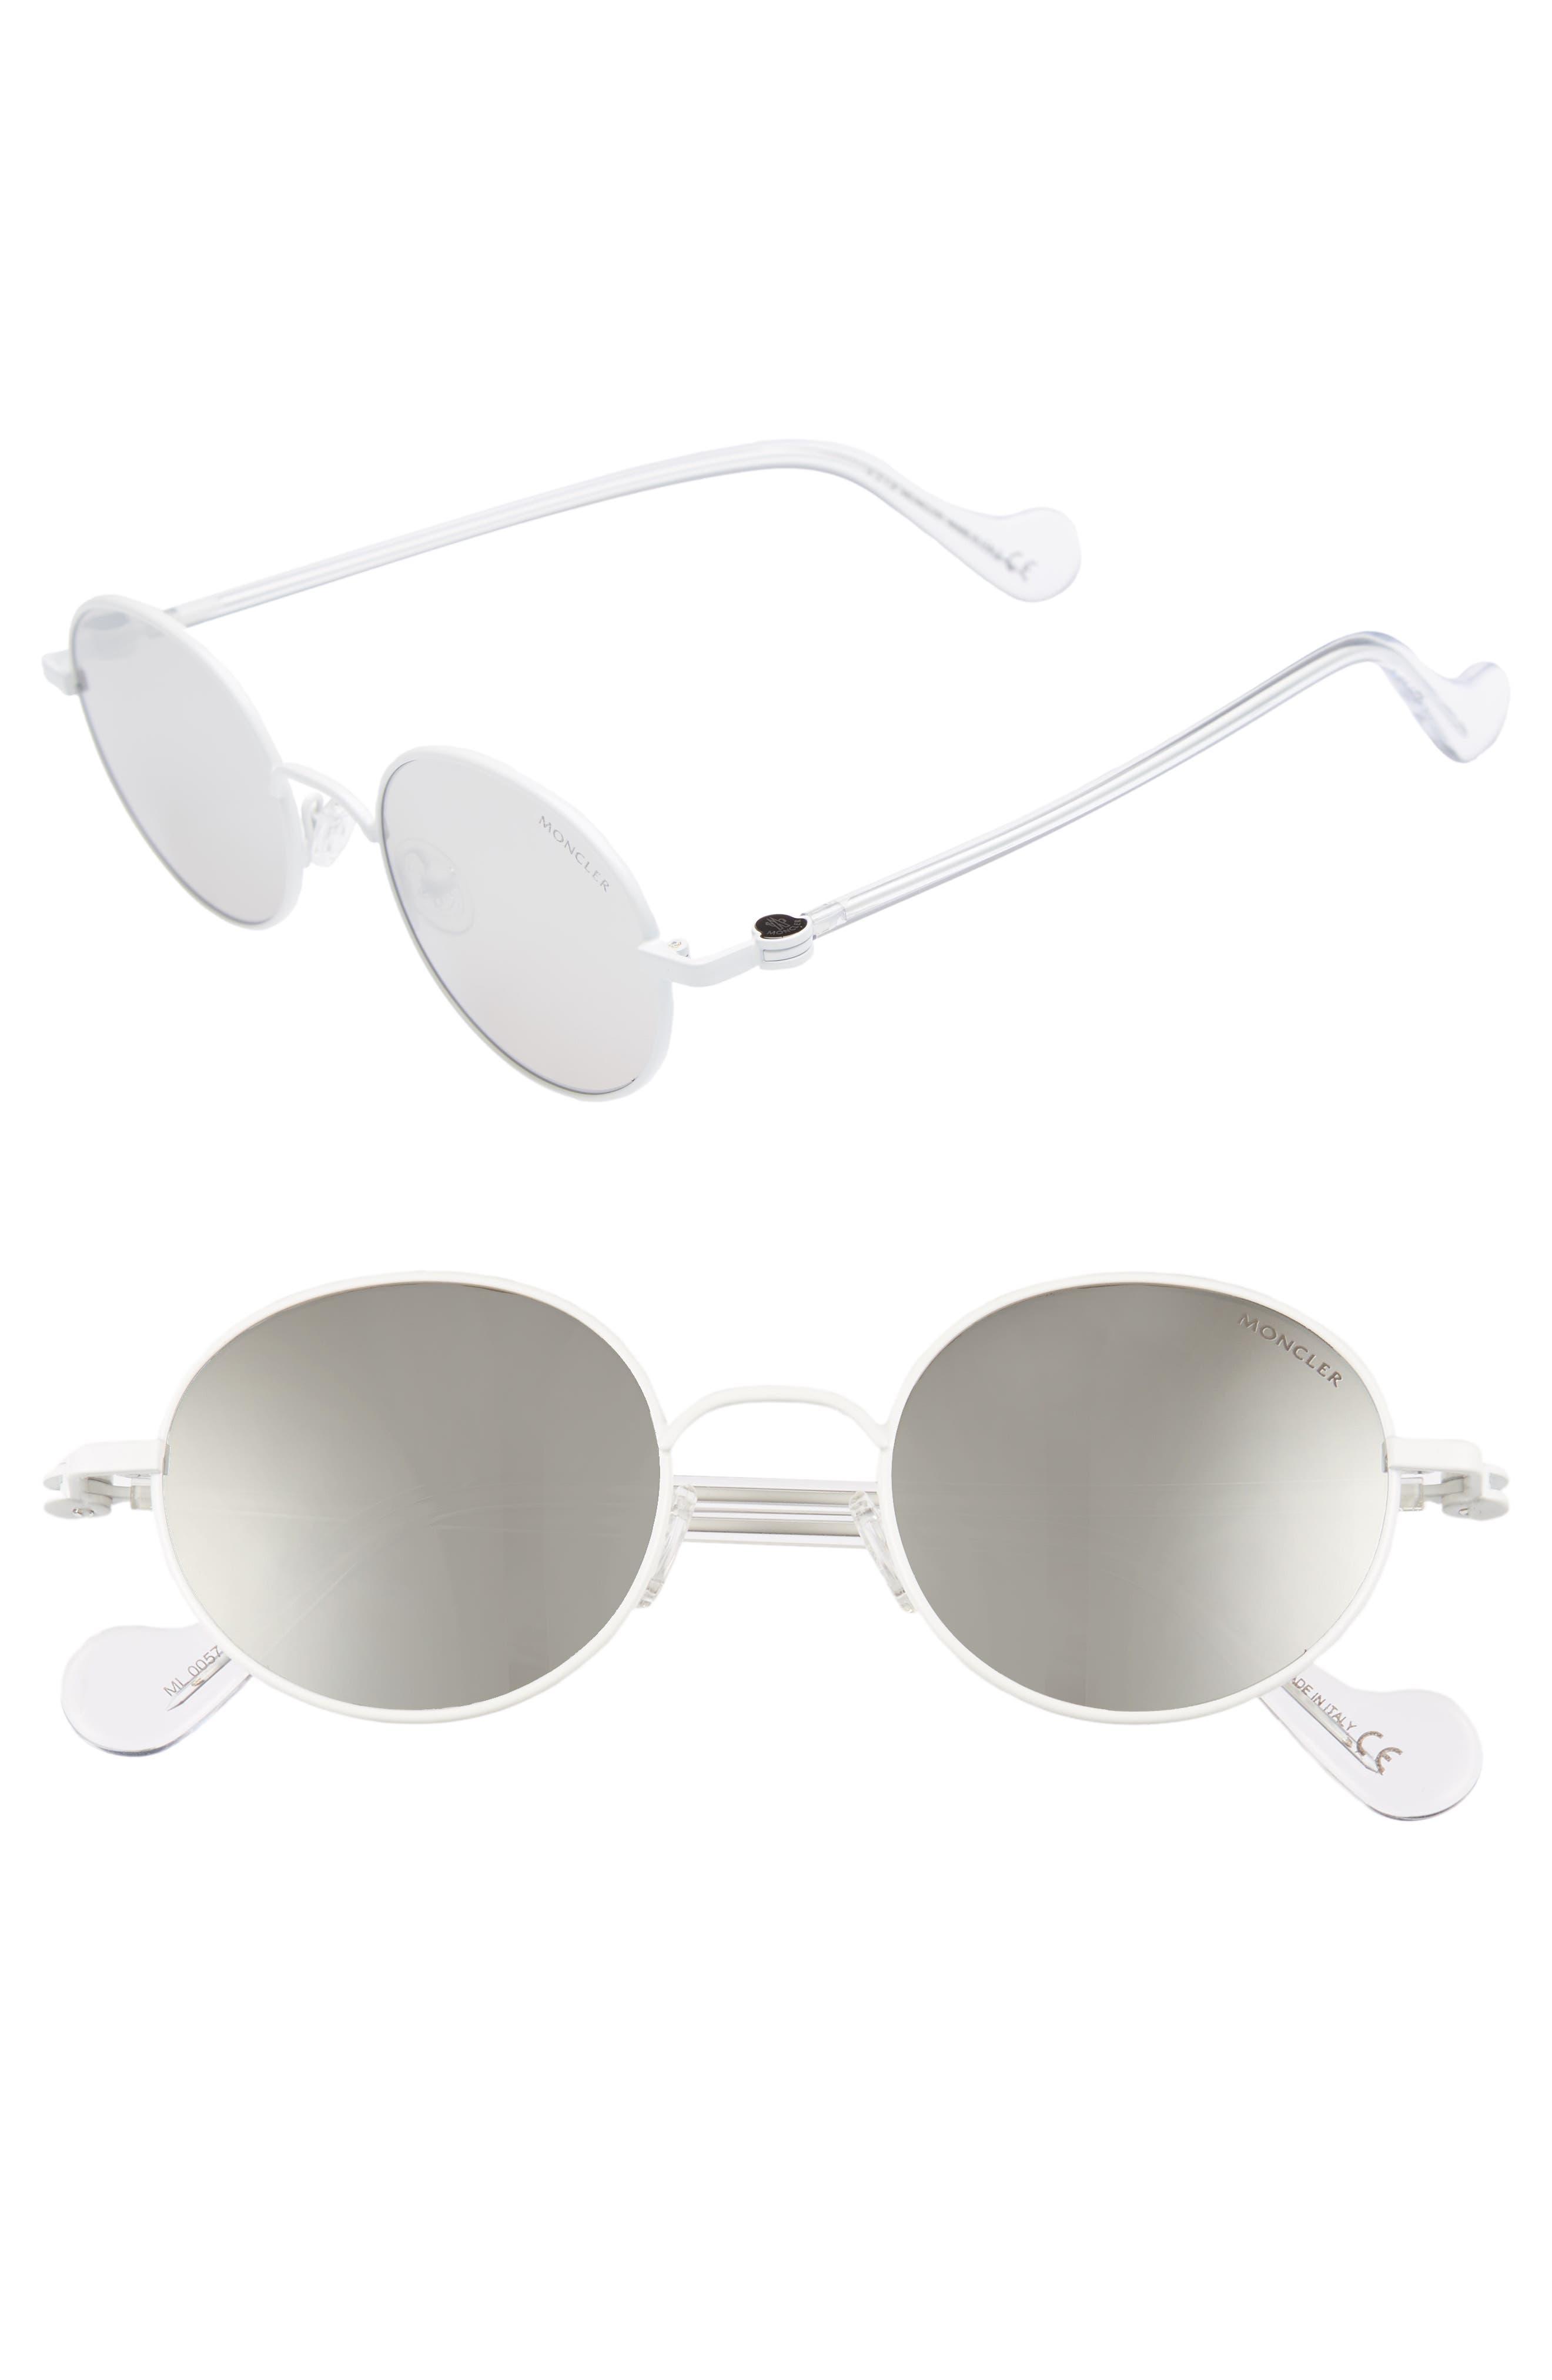 2c3b78775b7 Moncler Sunglasses for Women